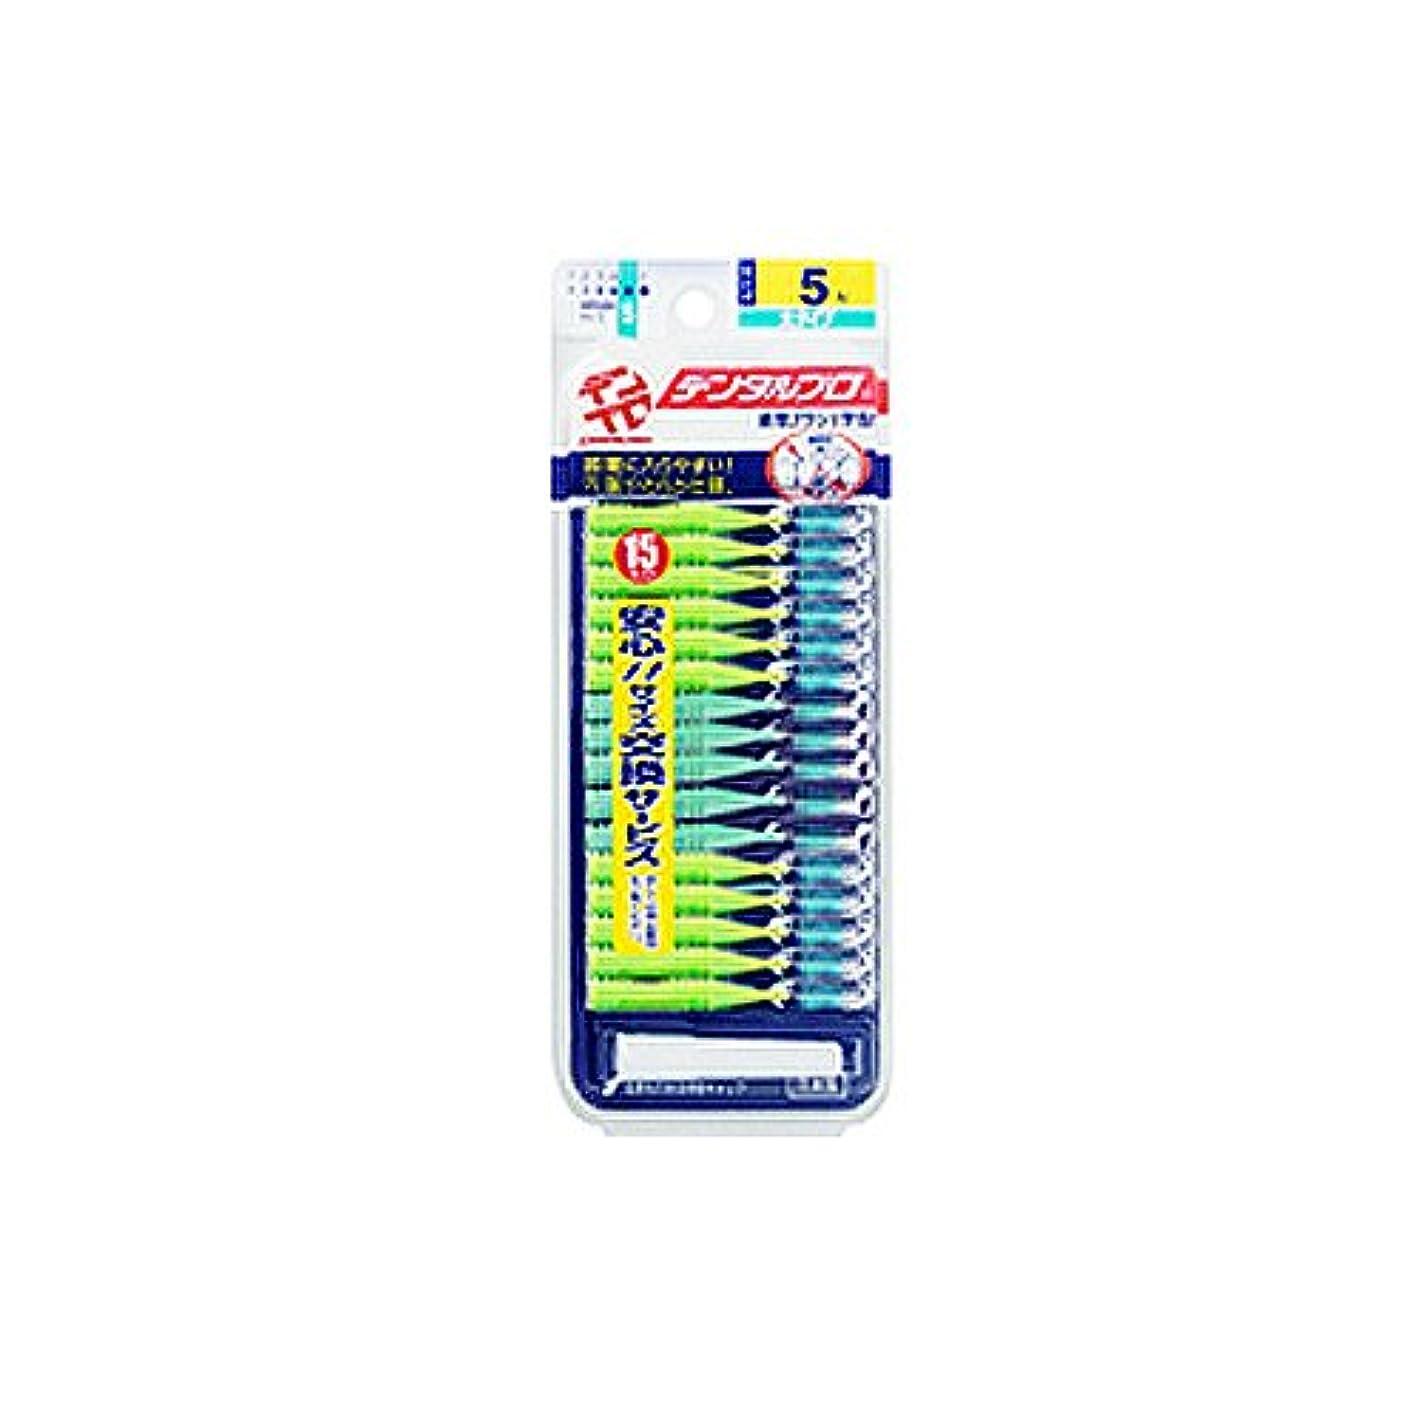 悪行評価キャストデンタルプロ 歯間ブラシ I字型 15本入り サイズ5(L)